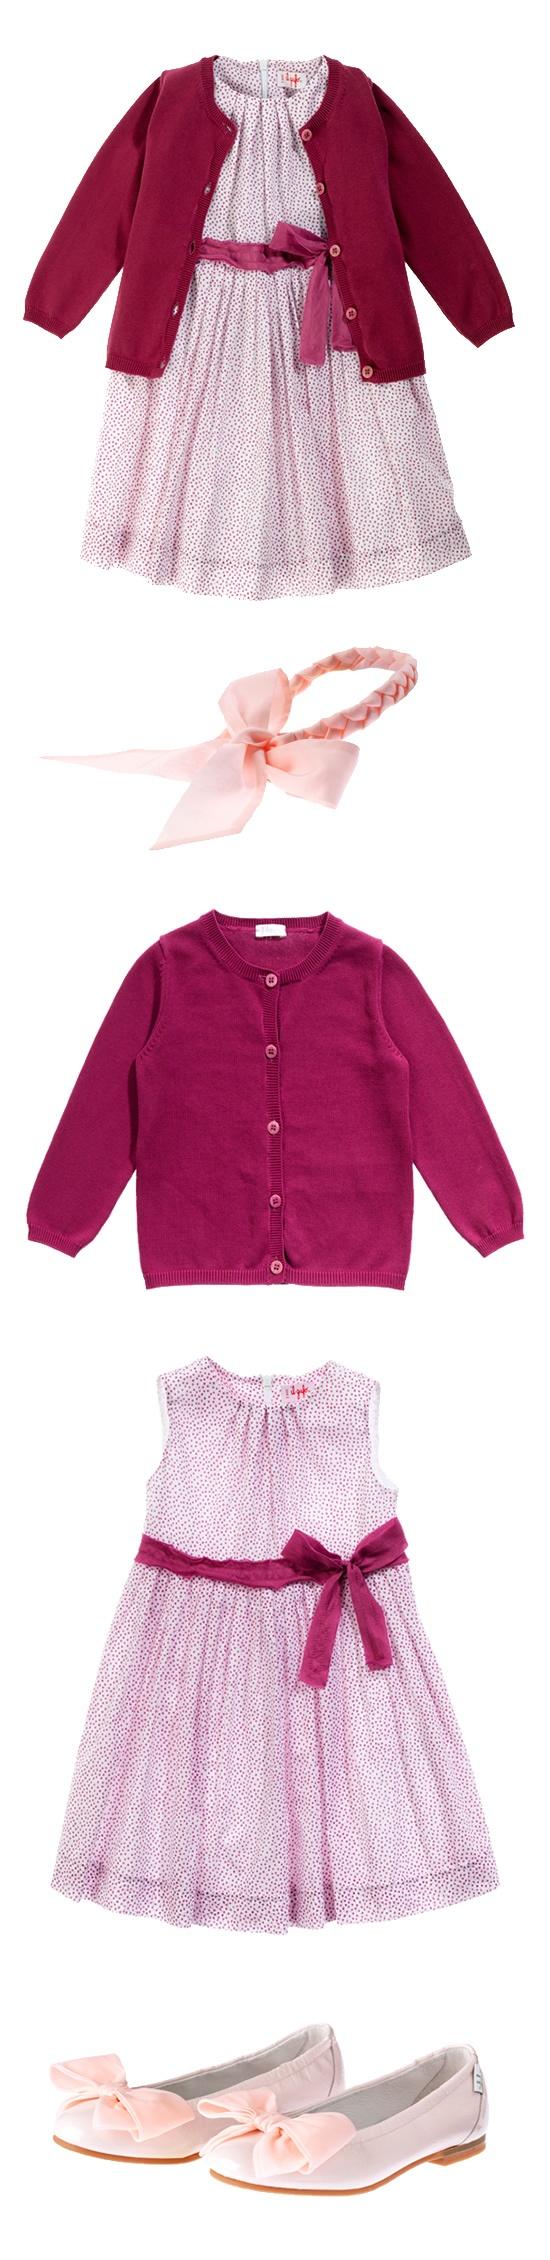 Il Gufo SS 2013 #Fashion #children #kids #kidswear #girls #boys #summer #spring #preppy